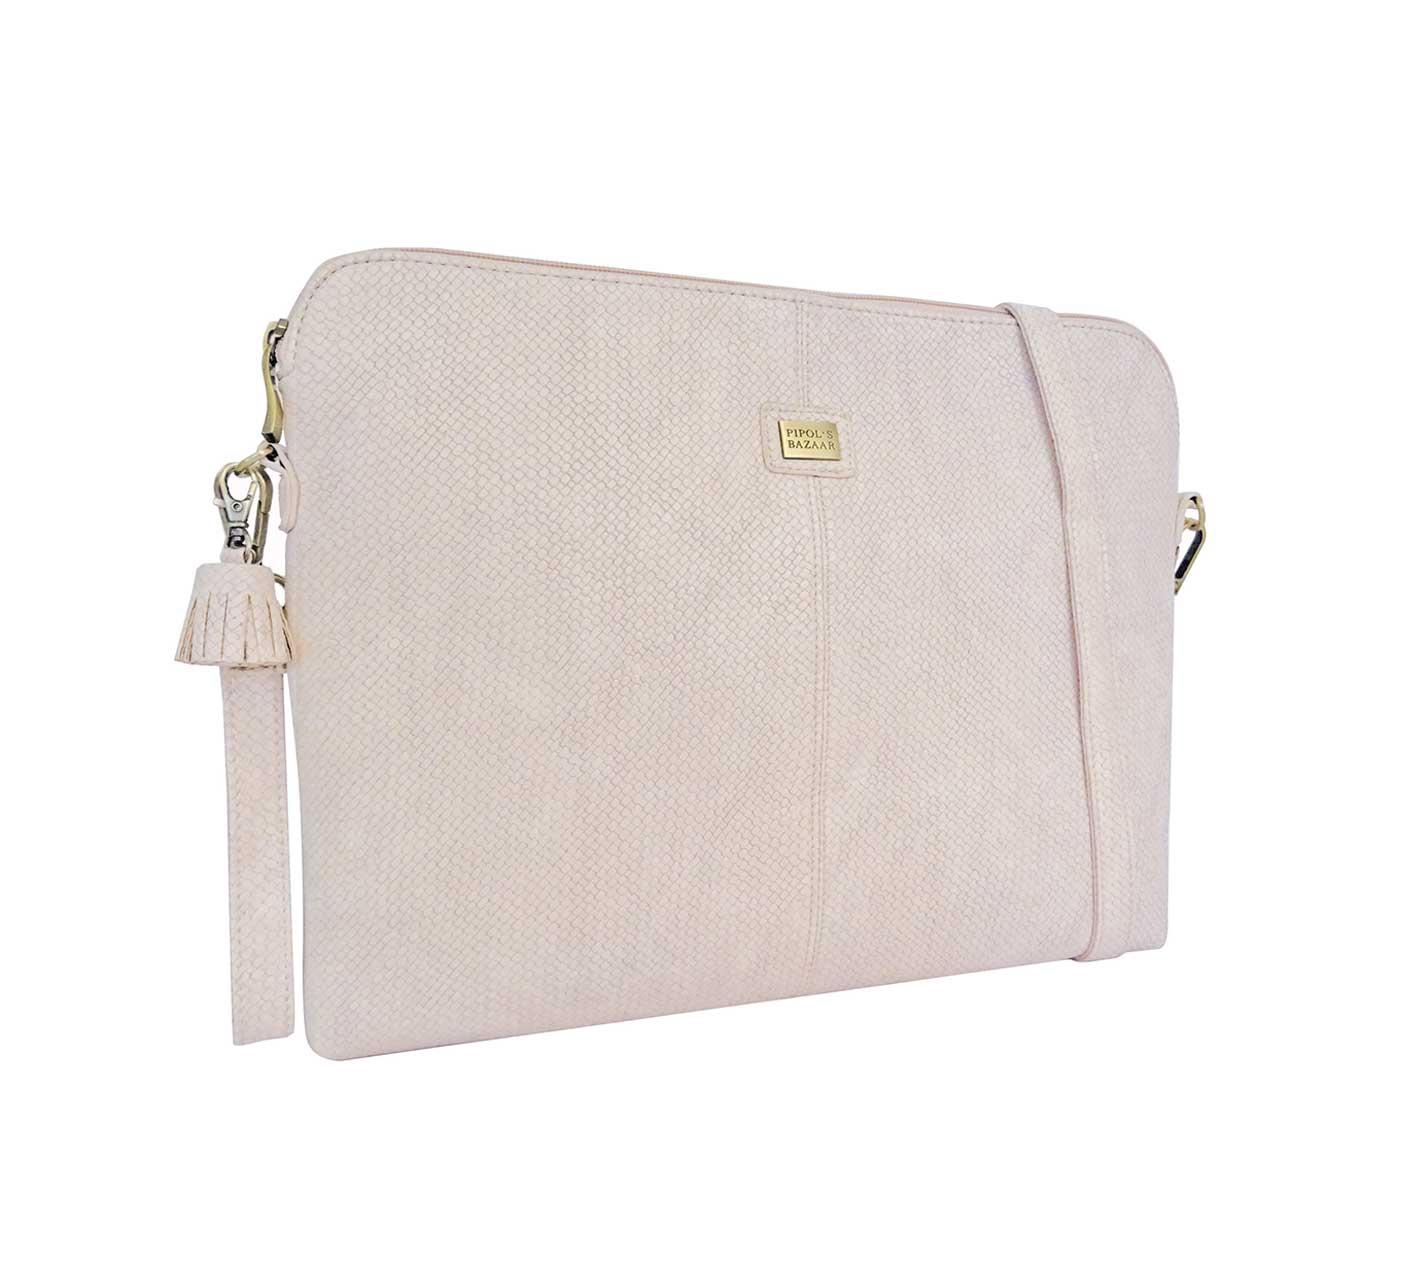 Pipols Bazaar - Stile Datorväska - Dusty pink - Rara Klaras 6432fc943a85b